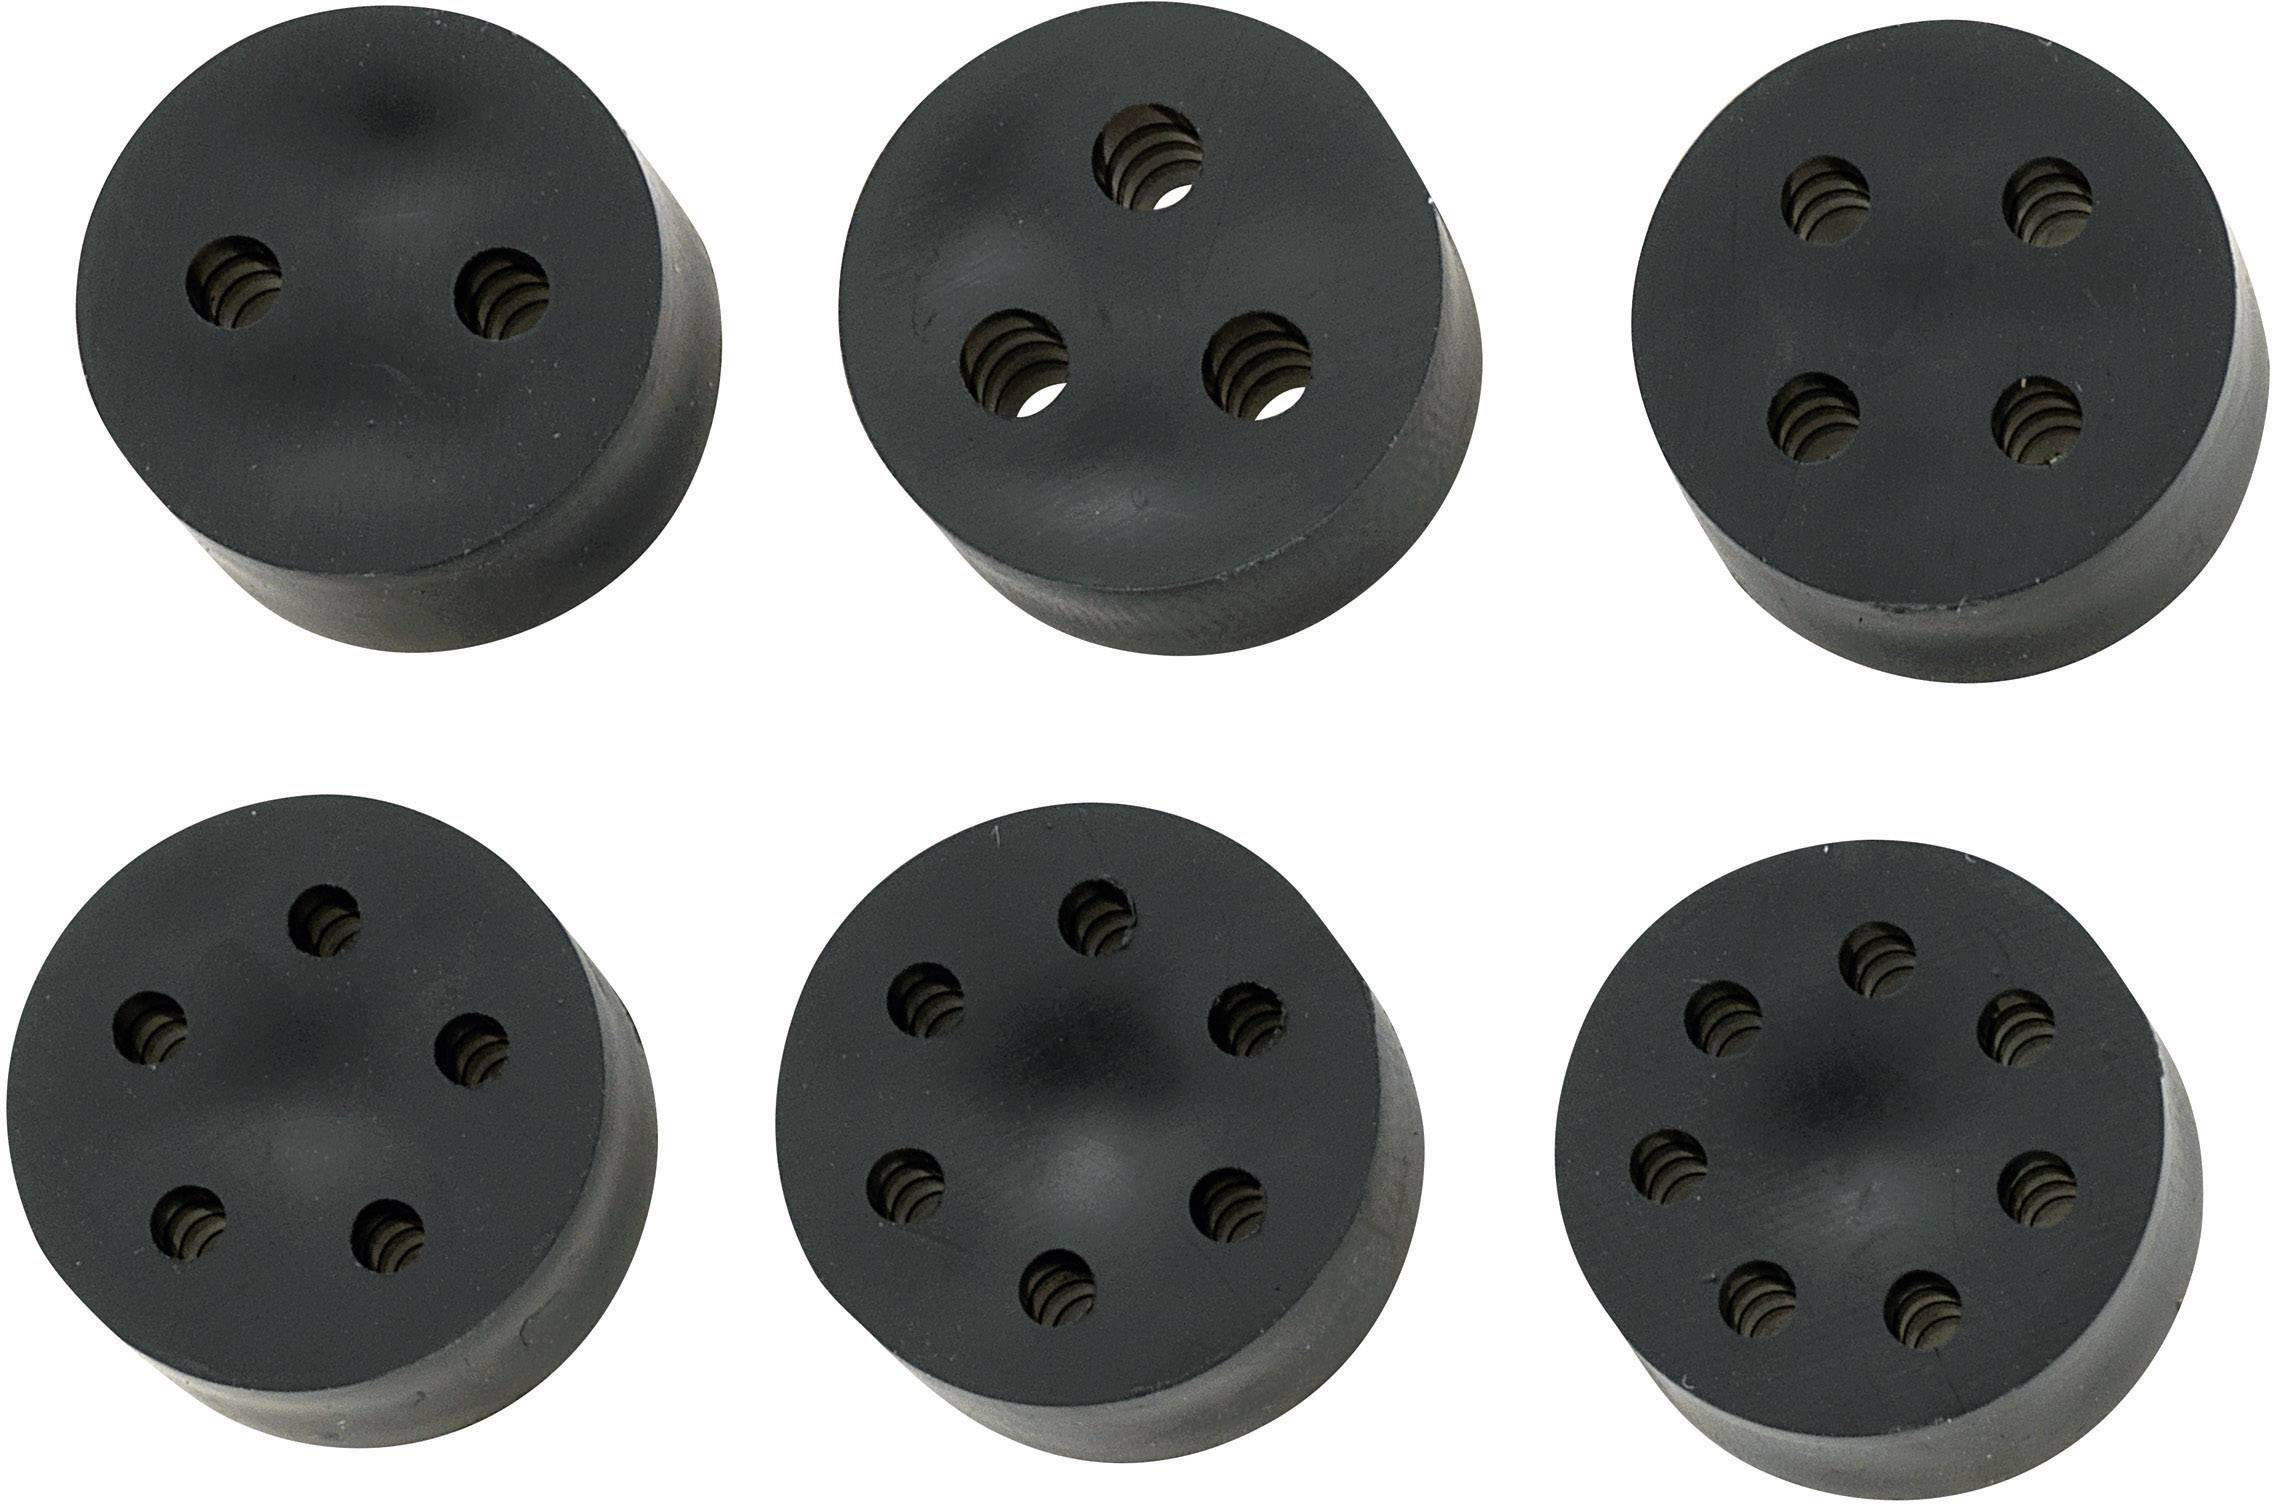 Těsnící vložka s více průchody TRU COMPONENTS TC-MH30-3A203, PG29, guma, černá, 1 ks